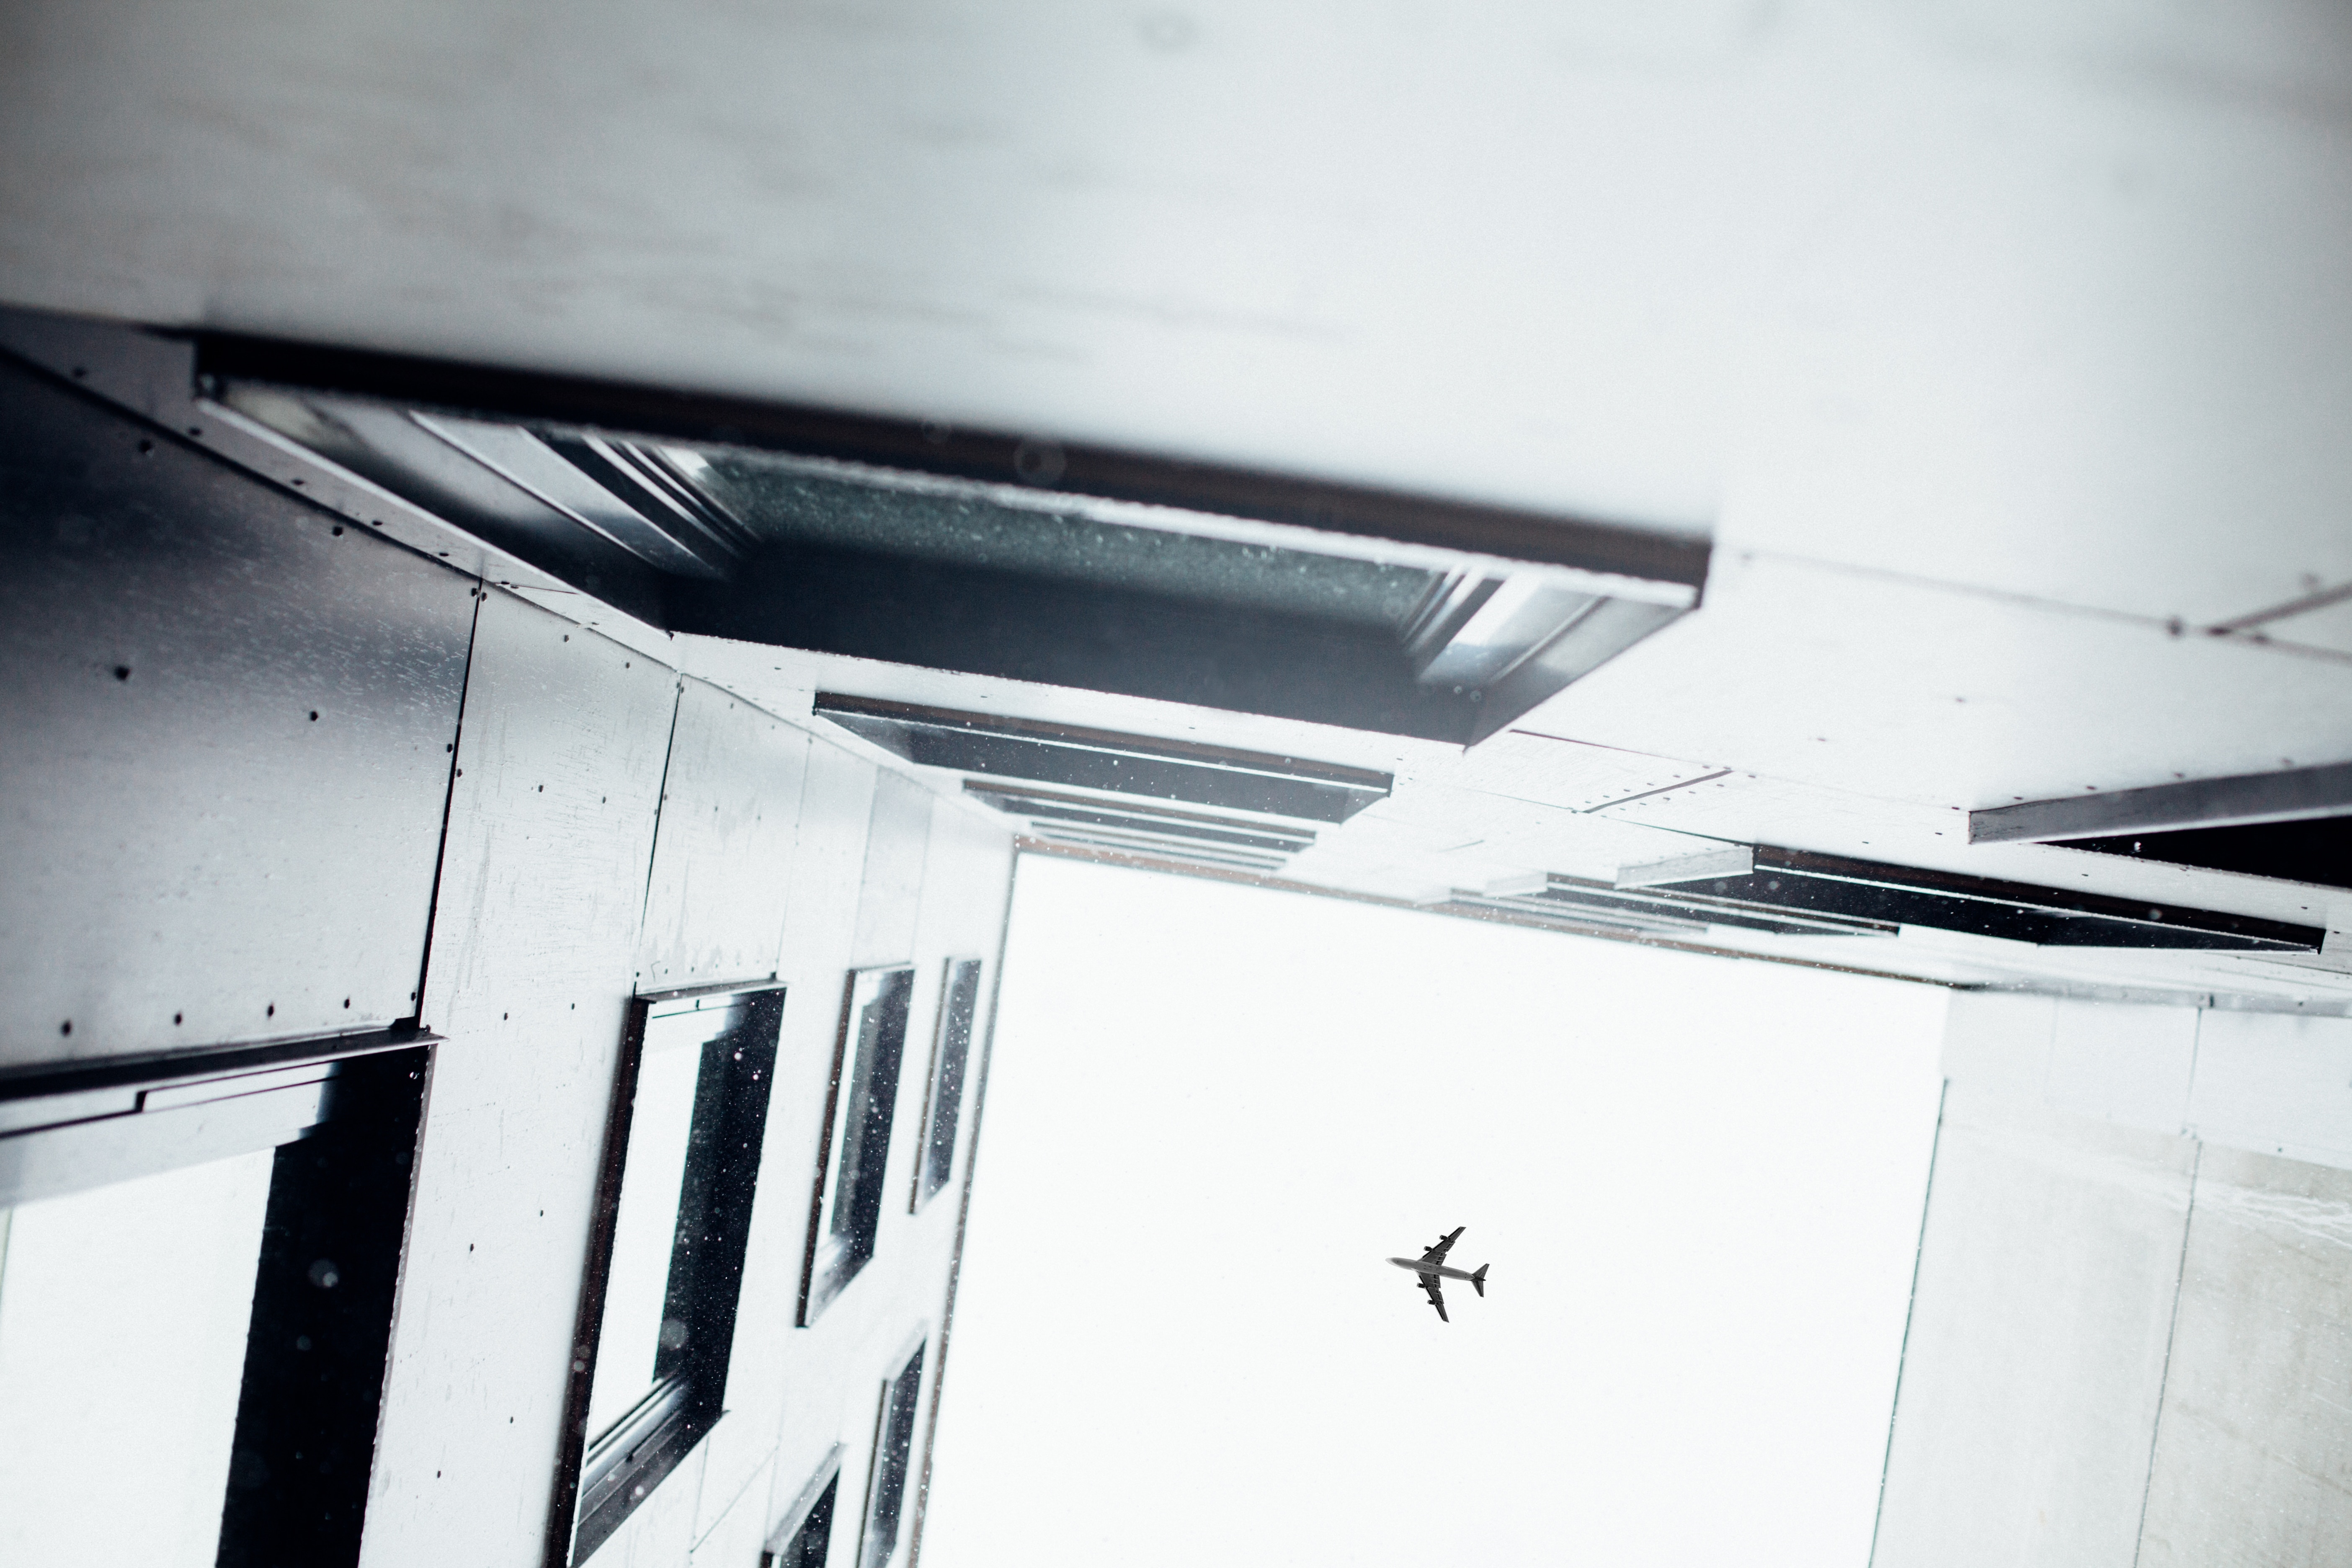 selección pruebas controladores aereos